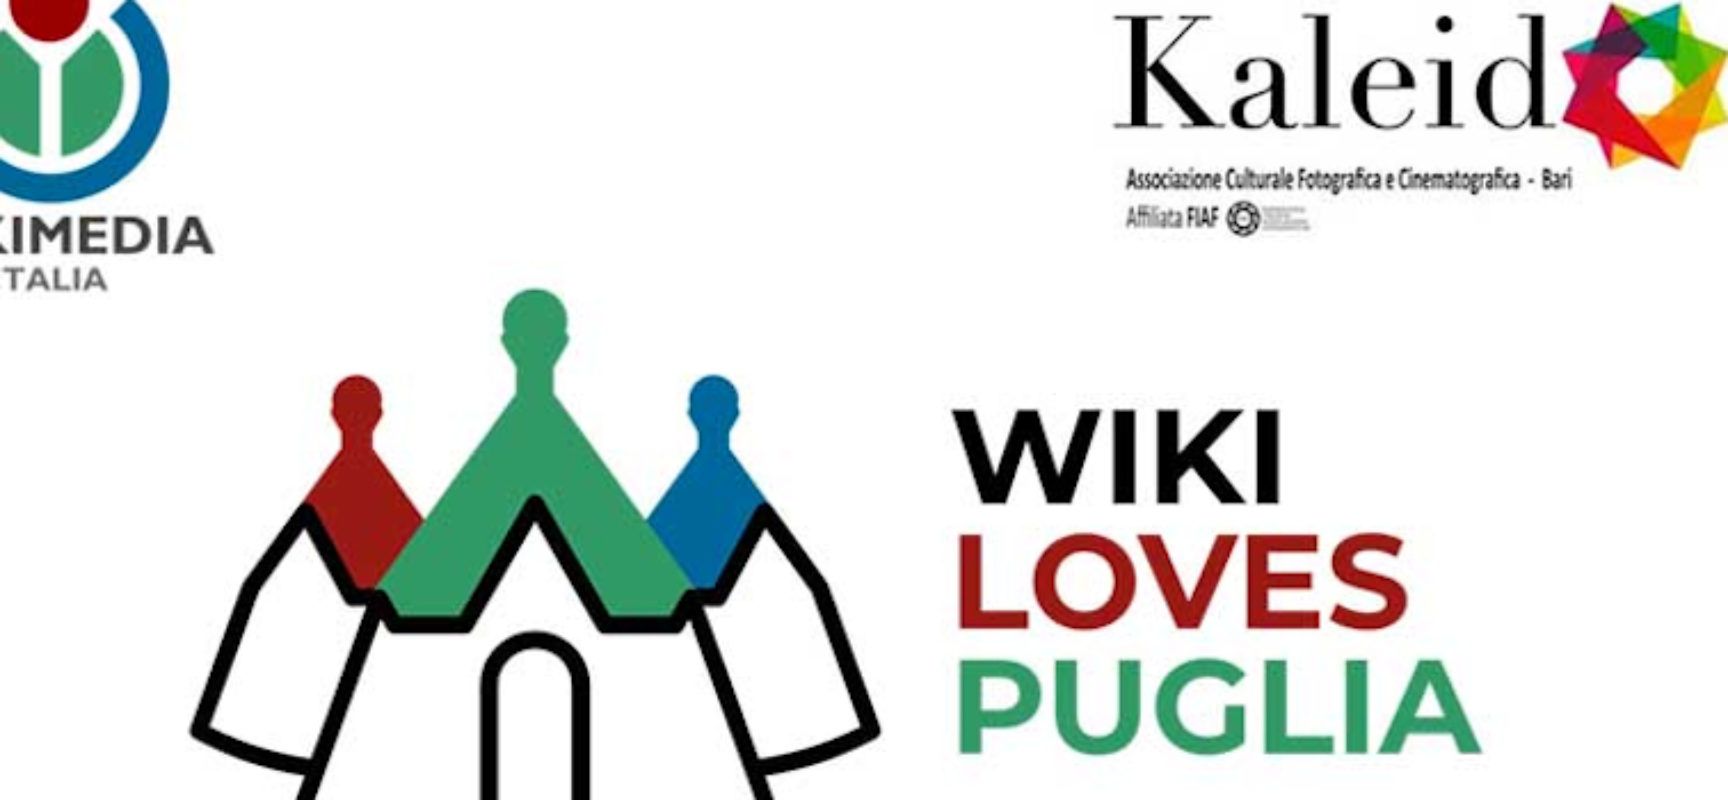 Wiki Loves Puglia 2020: iscrizioni al concorso fotografico dedicato al territorio regionale